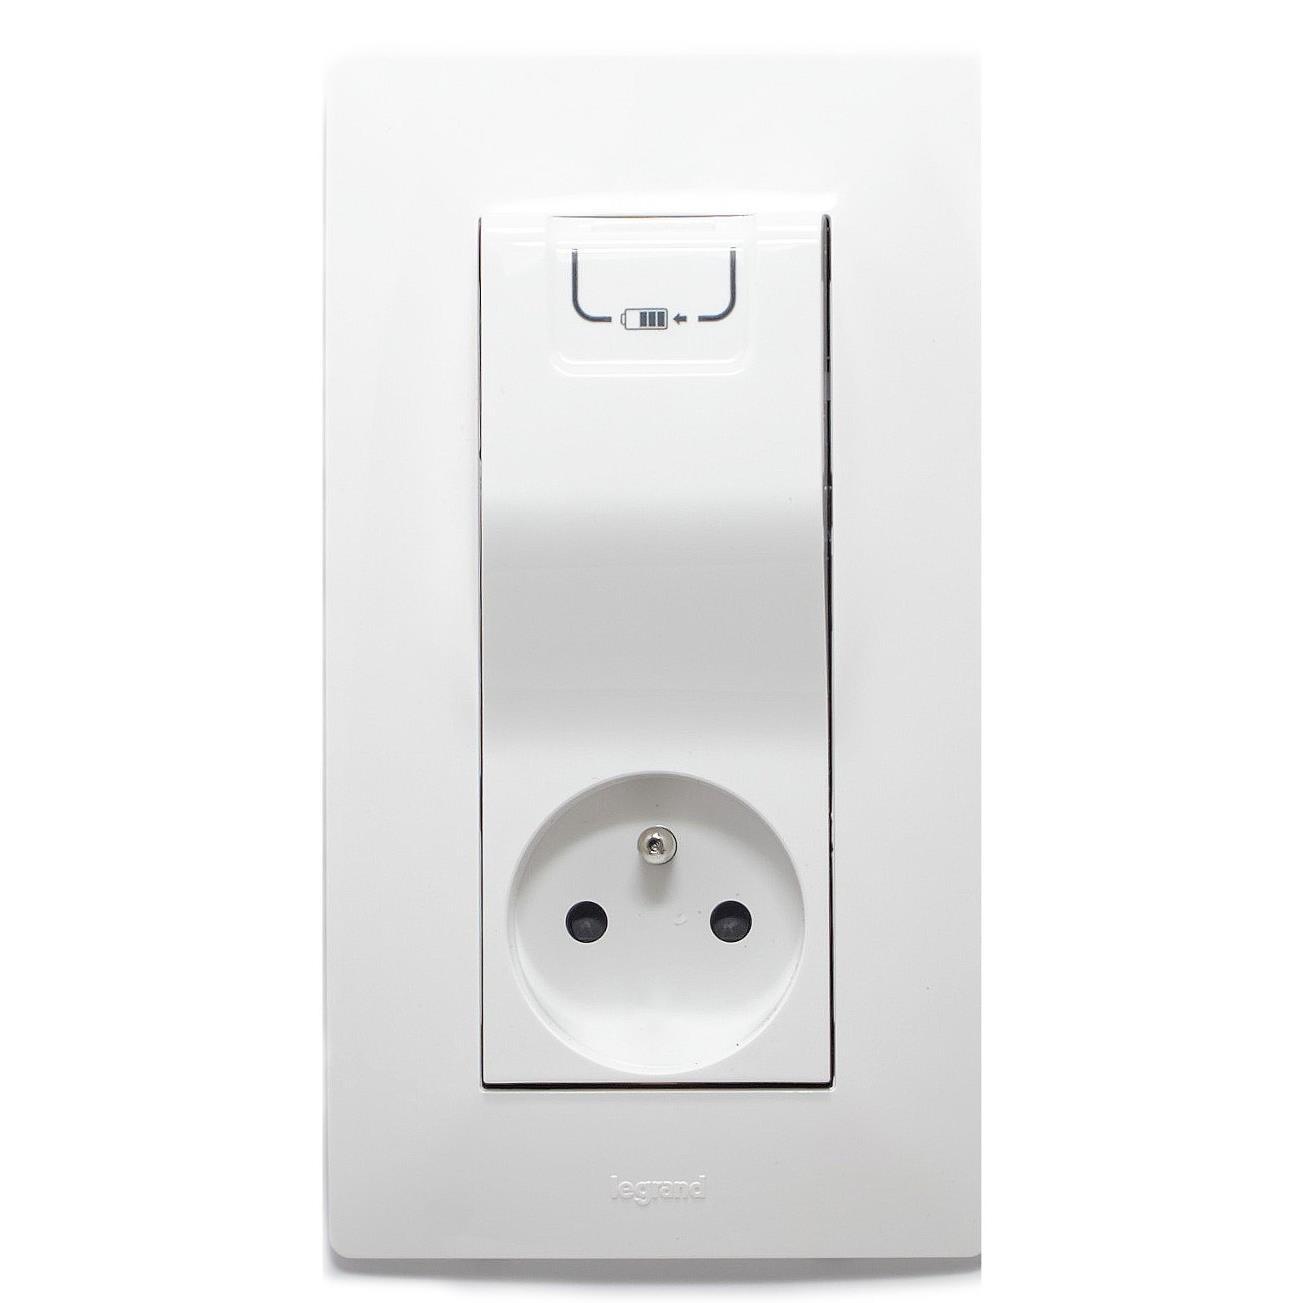 Legrand Niloe Gniazdo 2P+Z 16A + ładowarka USB 1000mA biały 764528